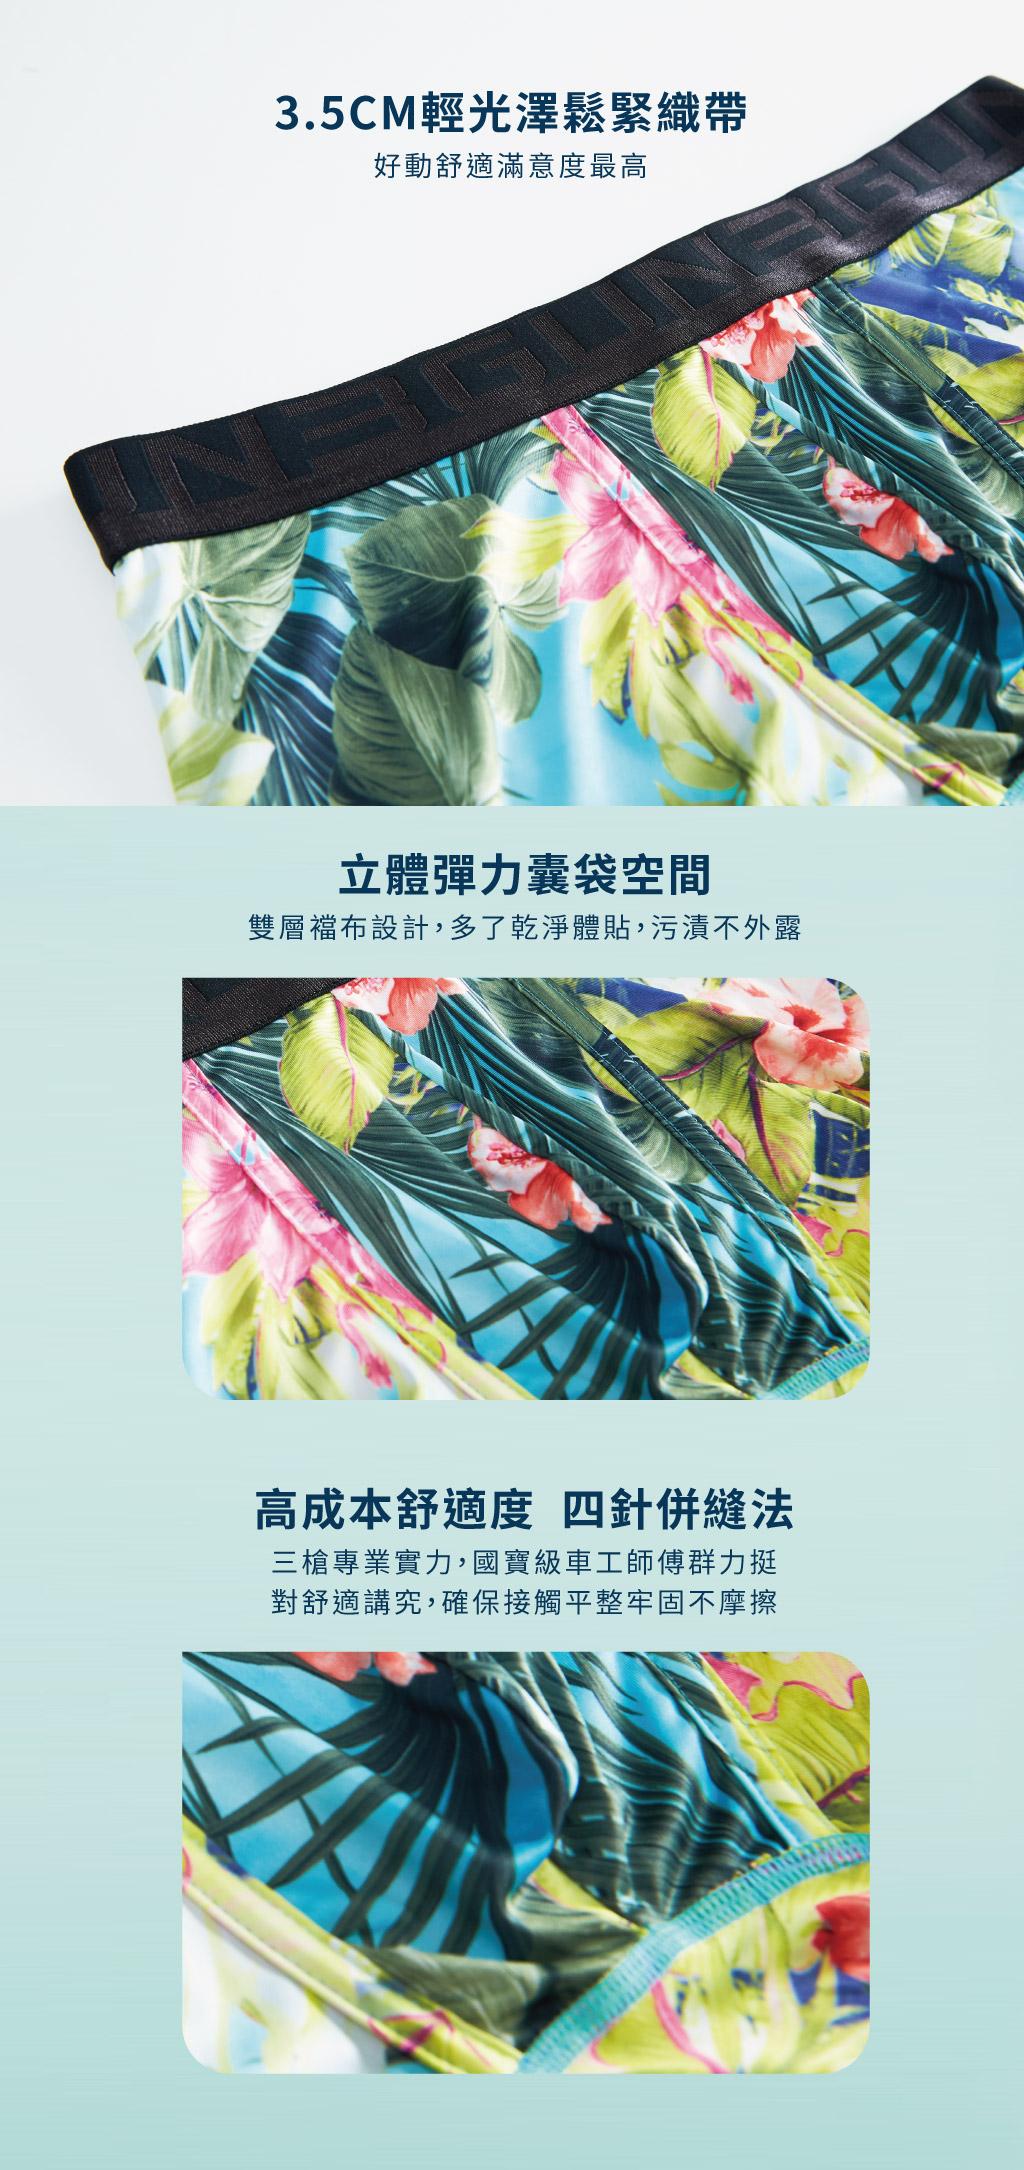 熱帶花園男永效吸排平口褲-限量印花-3GUN  男性時尚內衣褲MIT品牌